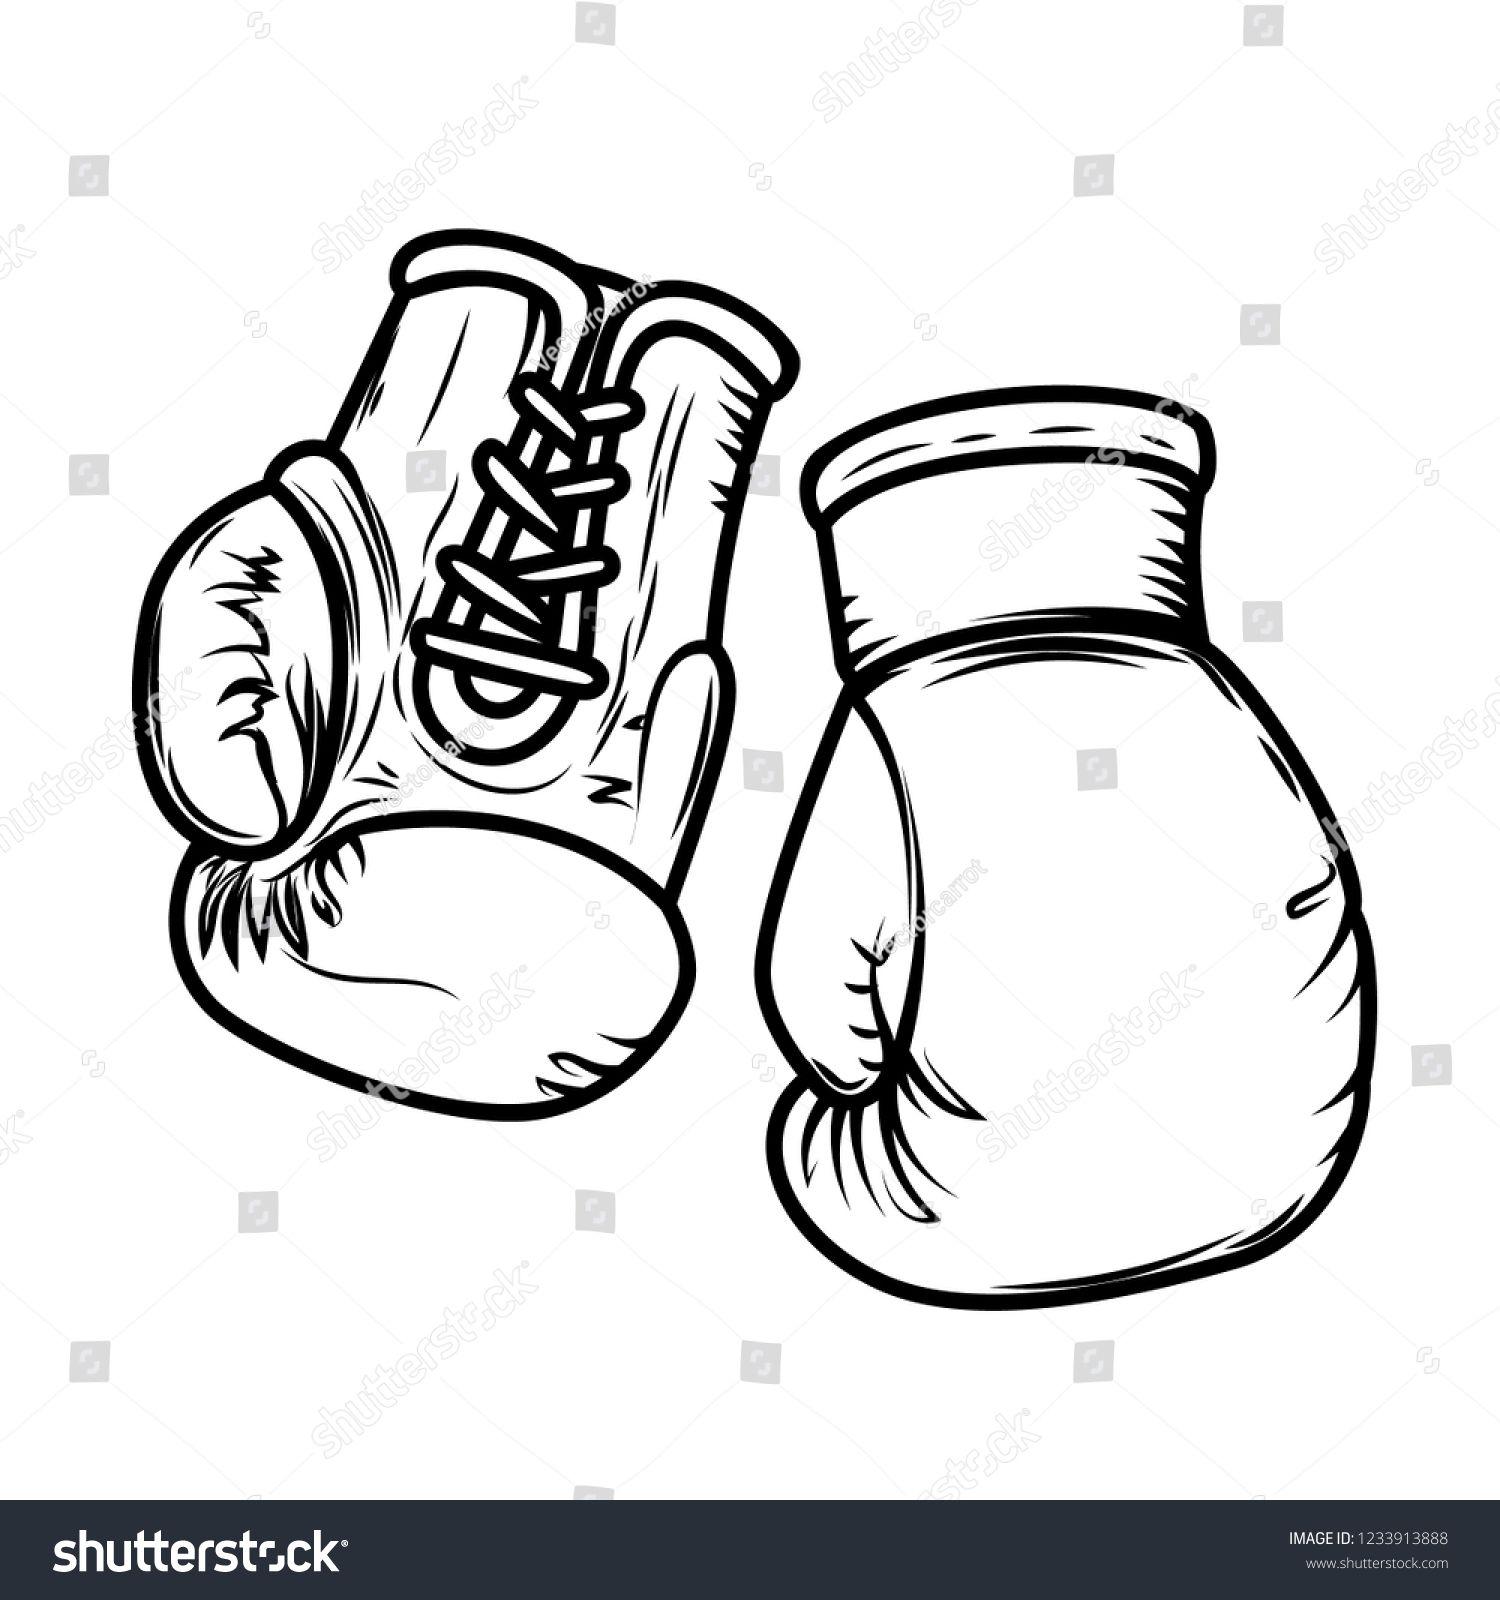 Illustration Of Boxing Gloves Design Elements For Logo Label Sign Menu Vector Image Ad Gloves Illustration Boxing Gloves Drawing Boxing Gloves Art Design